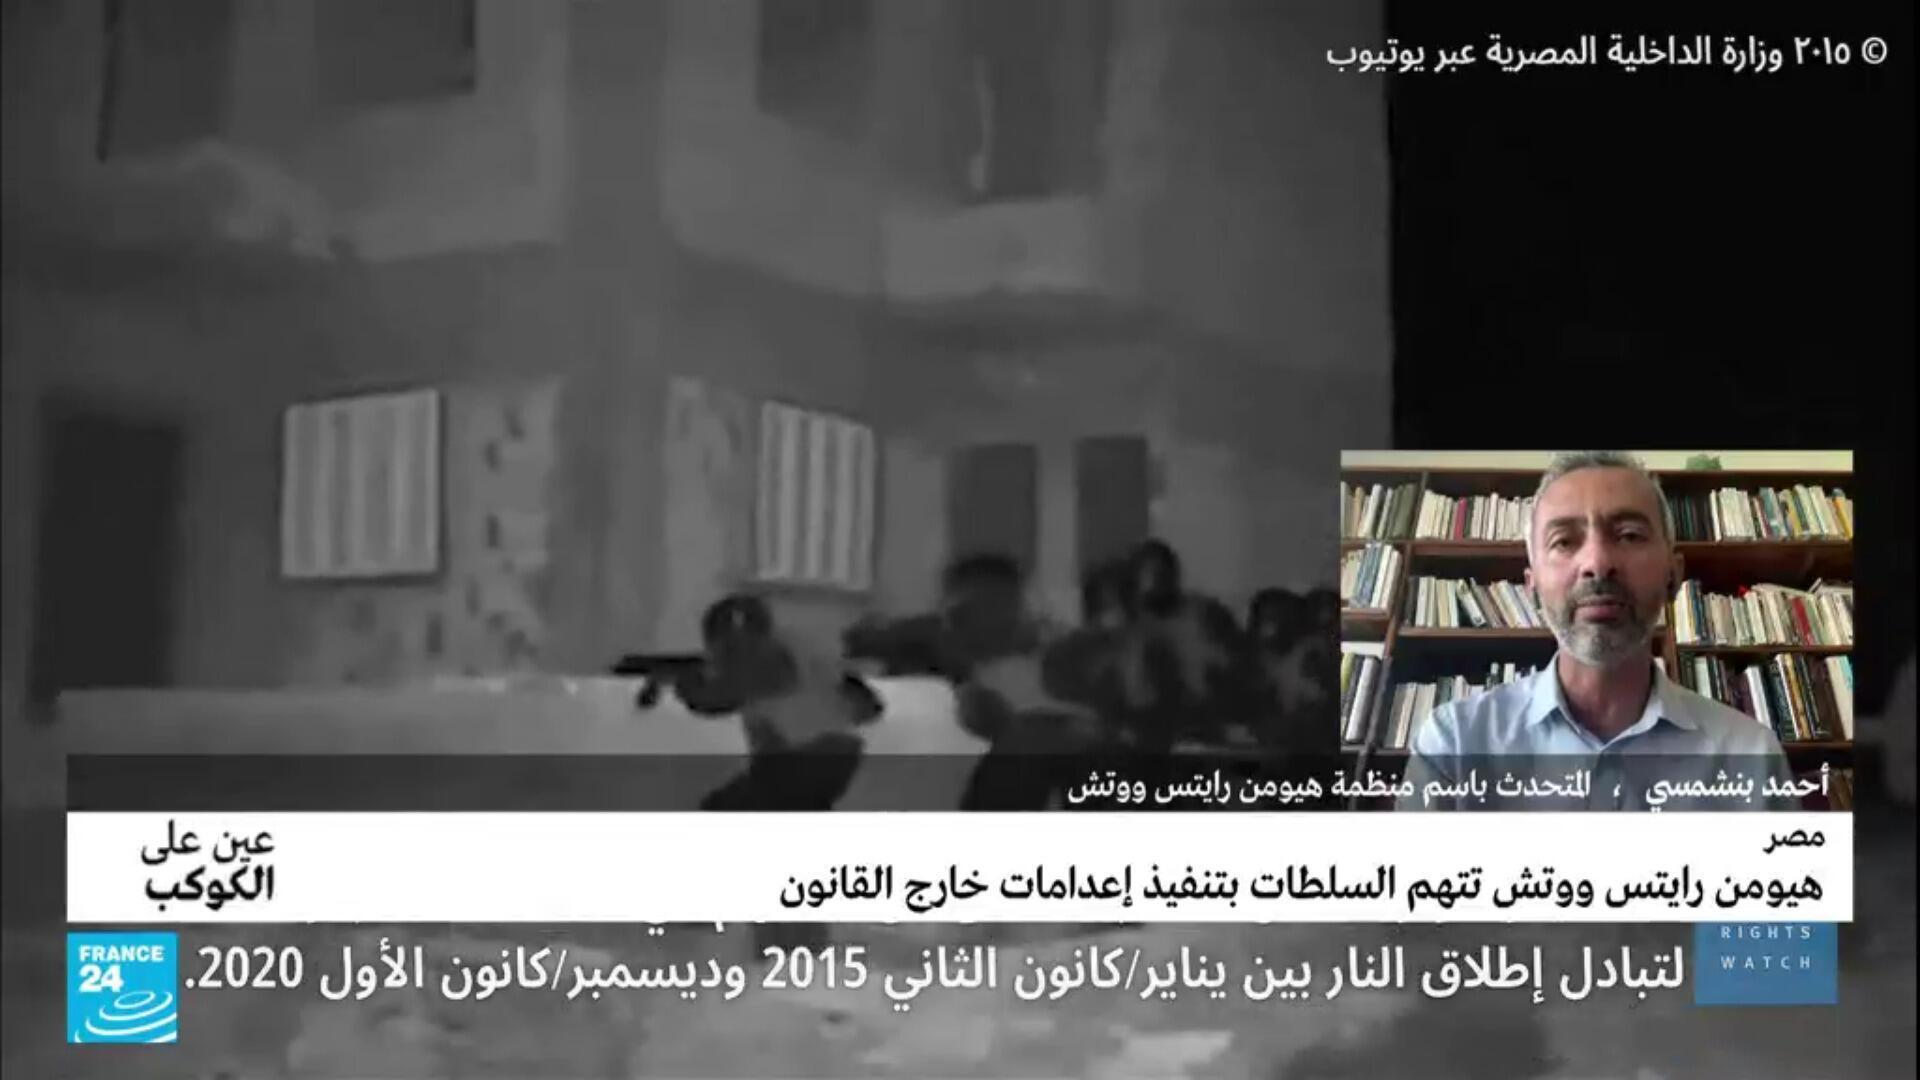 مصر: هيومن رايتس ووتش تتهم السلطات بتنفيذ إعدامات خارج القانون